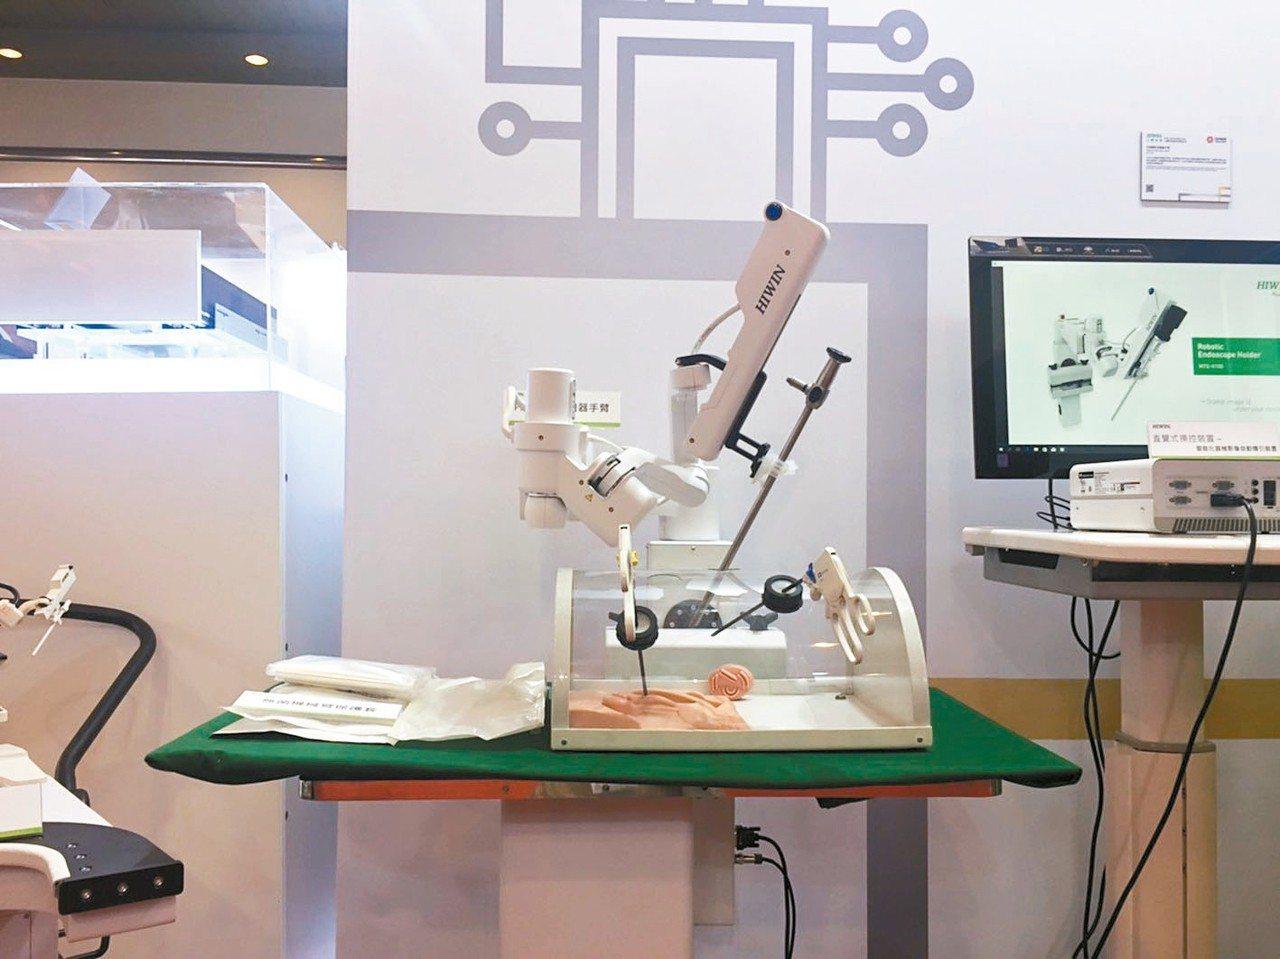 《金質獎》上銀科技內視鏡扶持機器手臂。 記者仝澤蓉/攝影